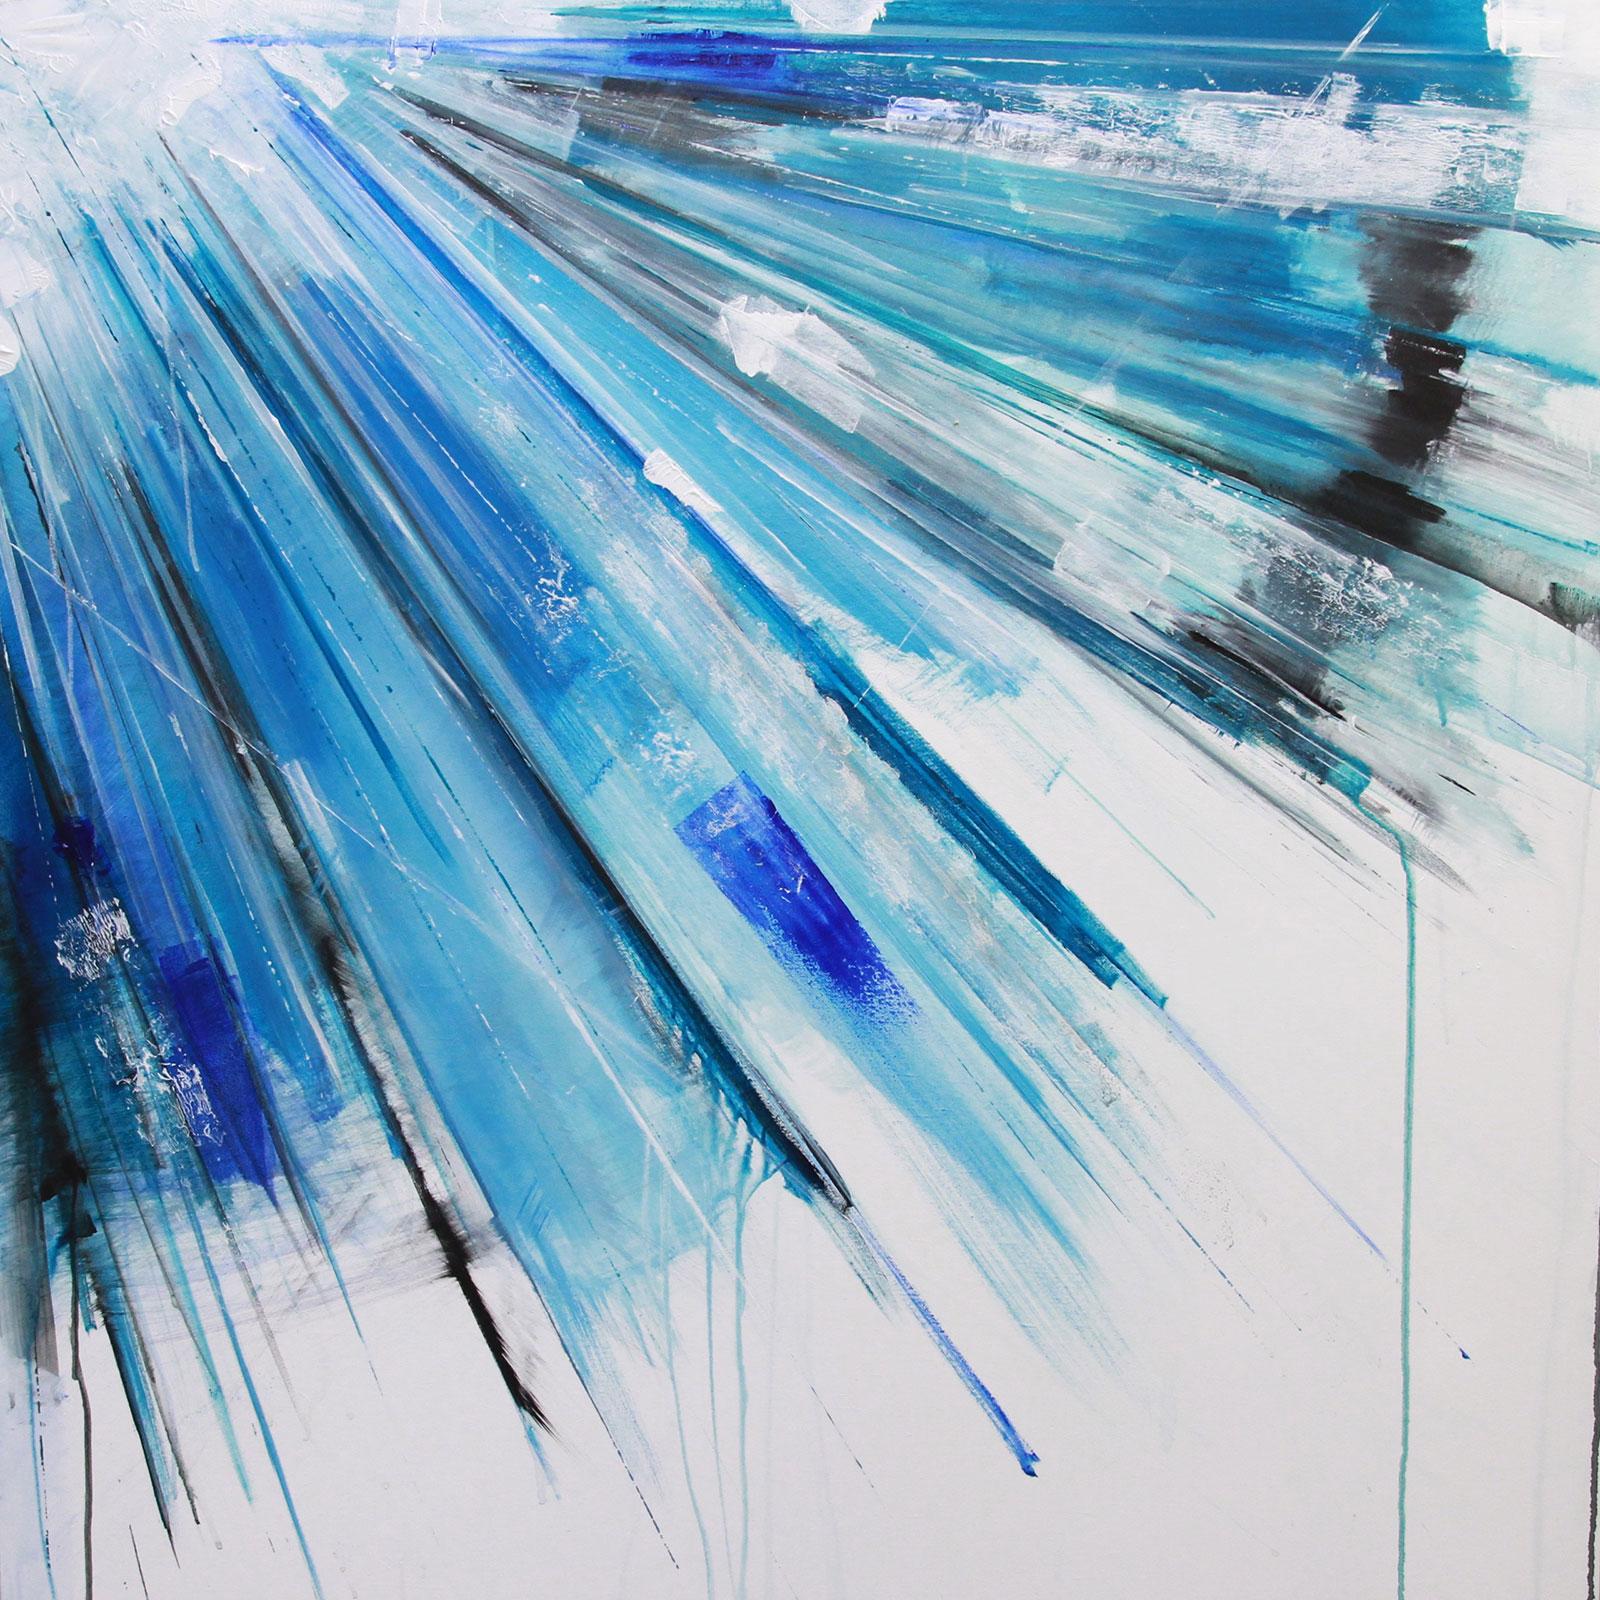 'Helena' 100 x 100 cm acrylic on canvas